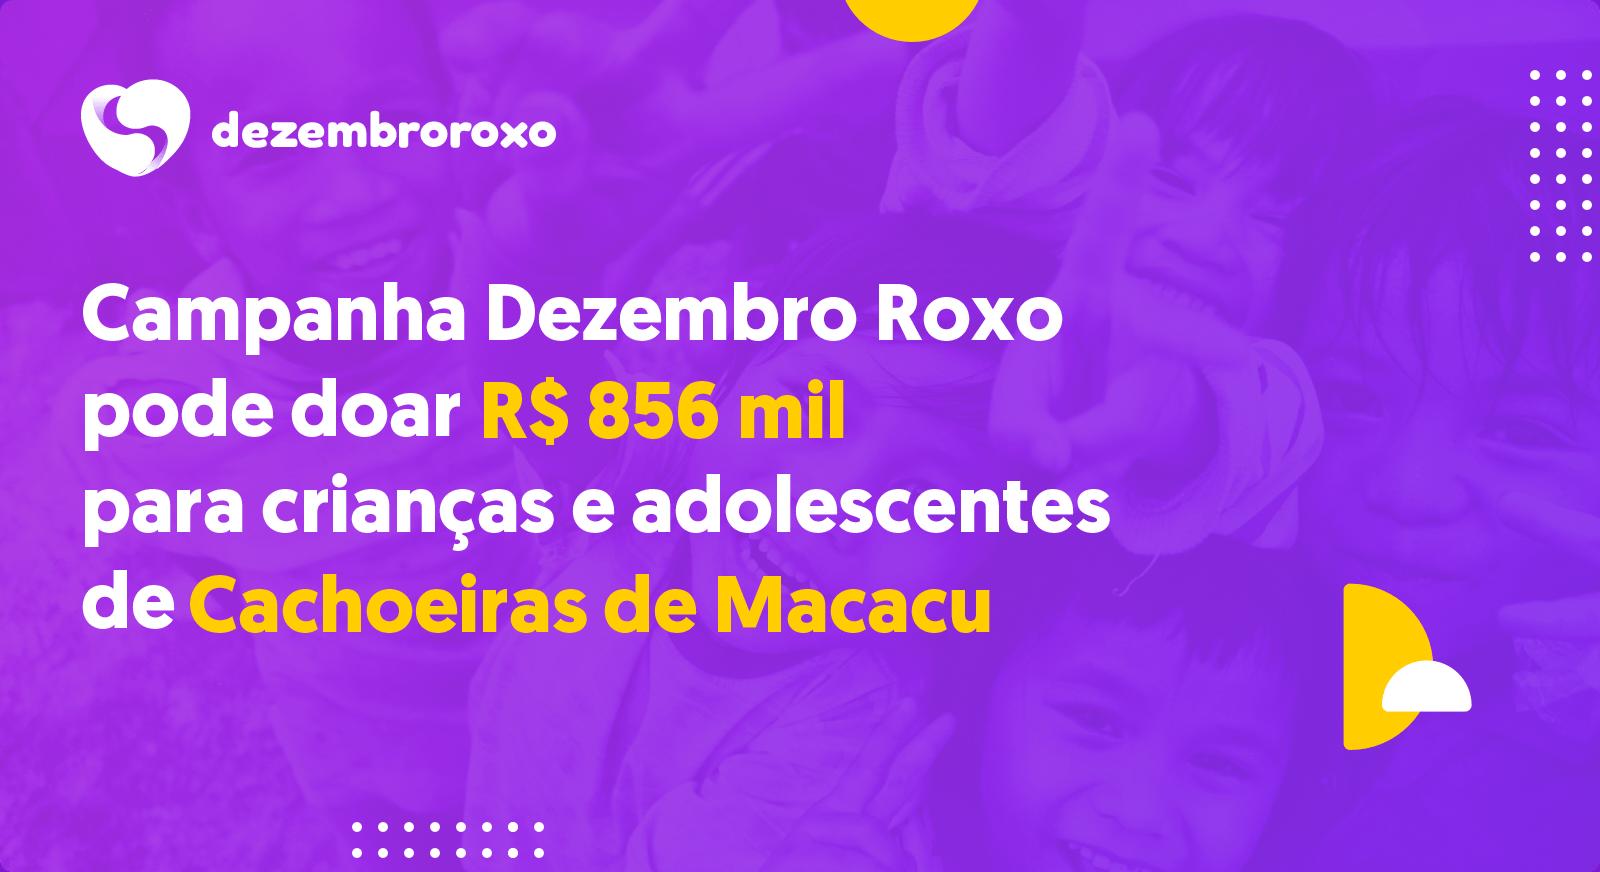 Doações em Cachoeiras de Macacu - RJ